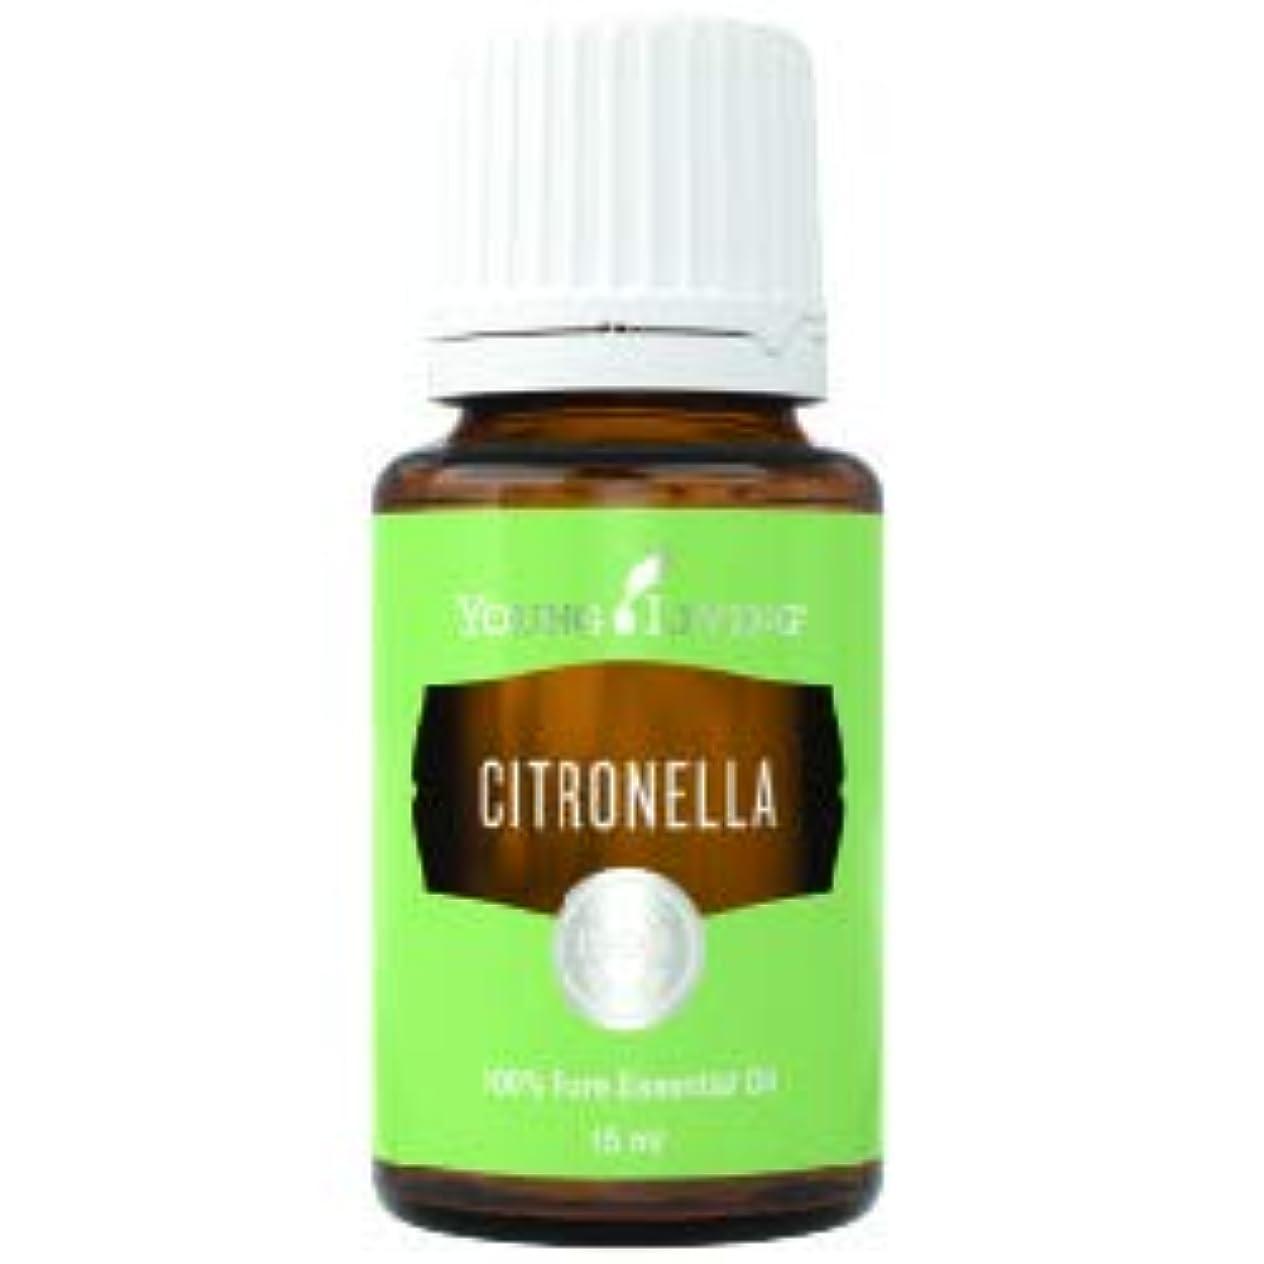 刃高原大理石シトロネラエッセンシャルオイル15 ml byヤングリビングマレーシア Citronella Essential Oil 15 ml by Young Living Malaysia